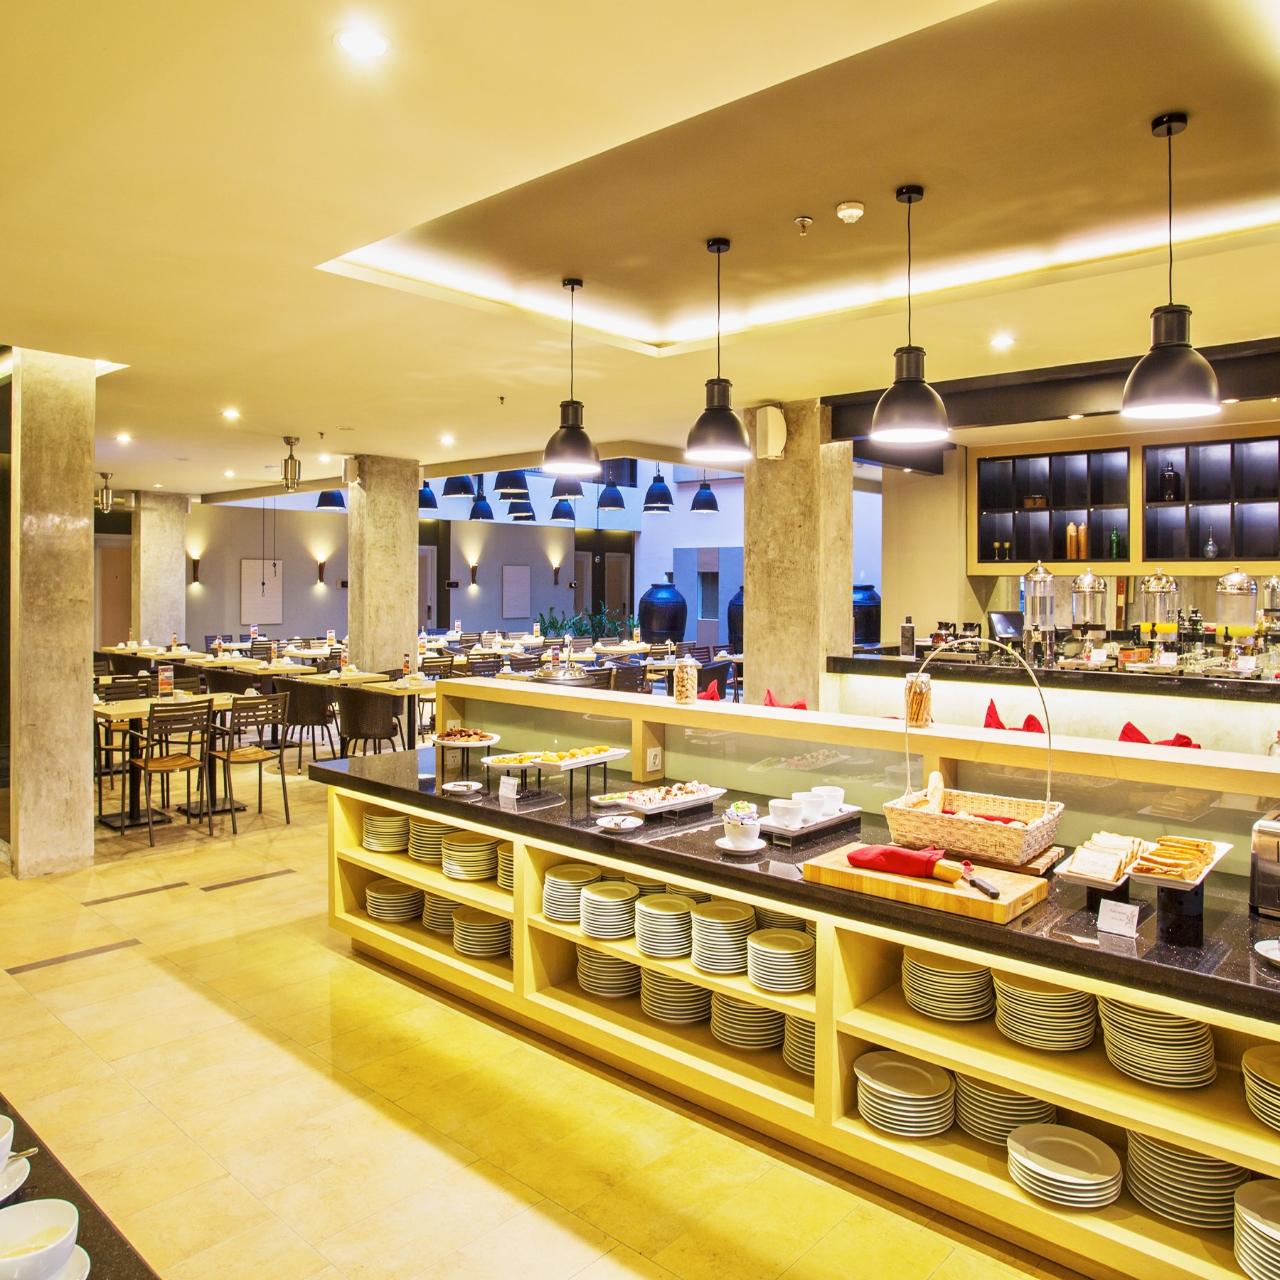 Swiss Belinn Legian Bali 3 Hrs Star Hotel In Legian Bali